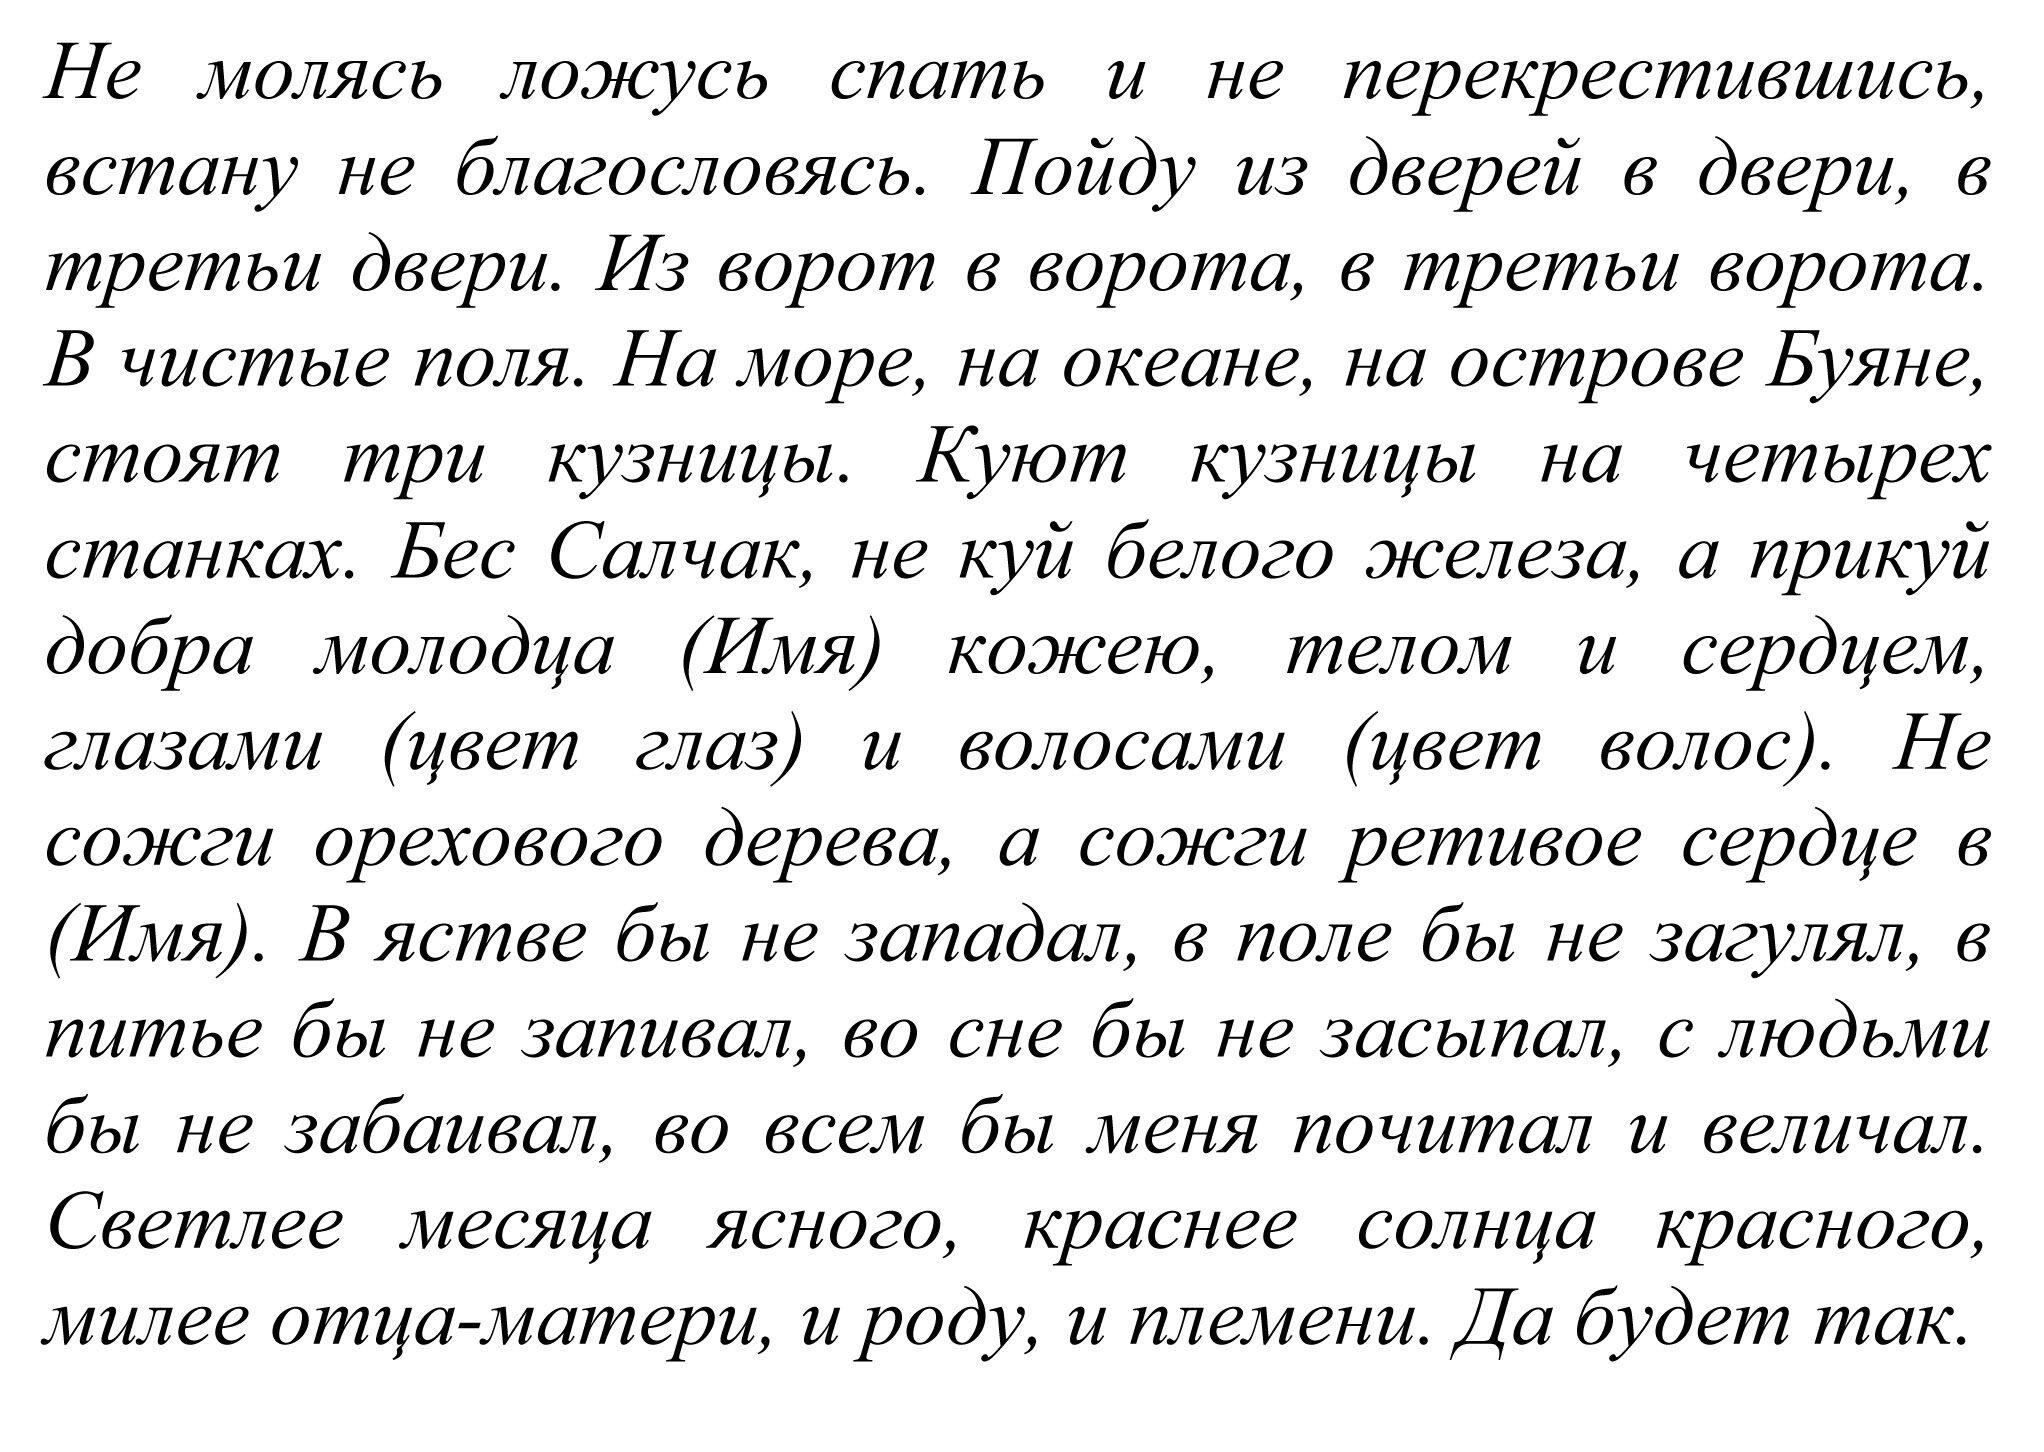 Zagovor1